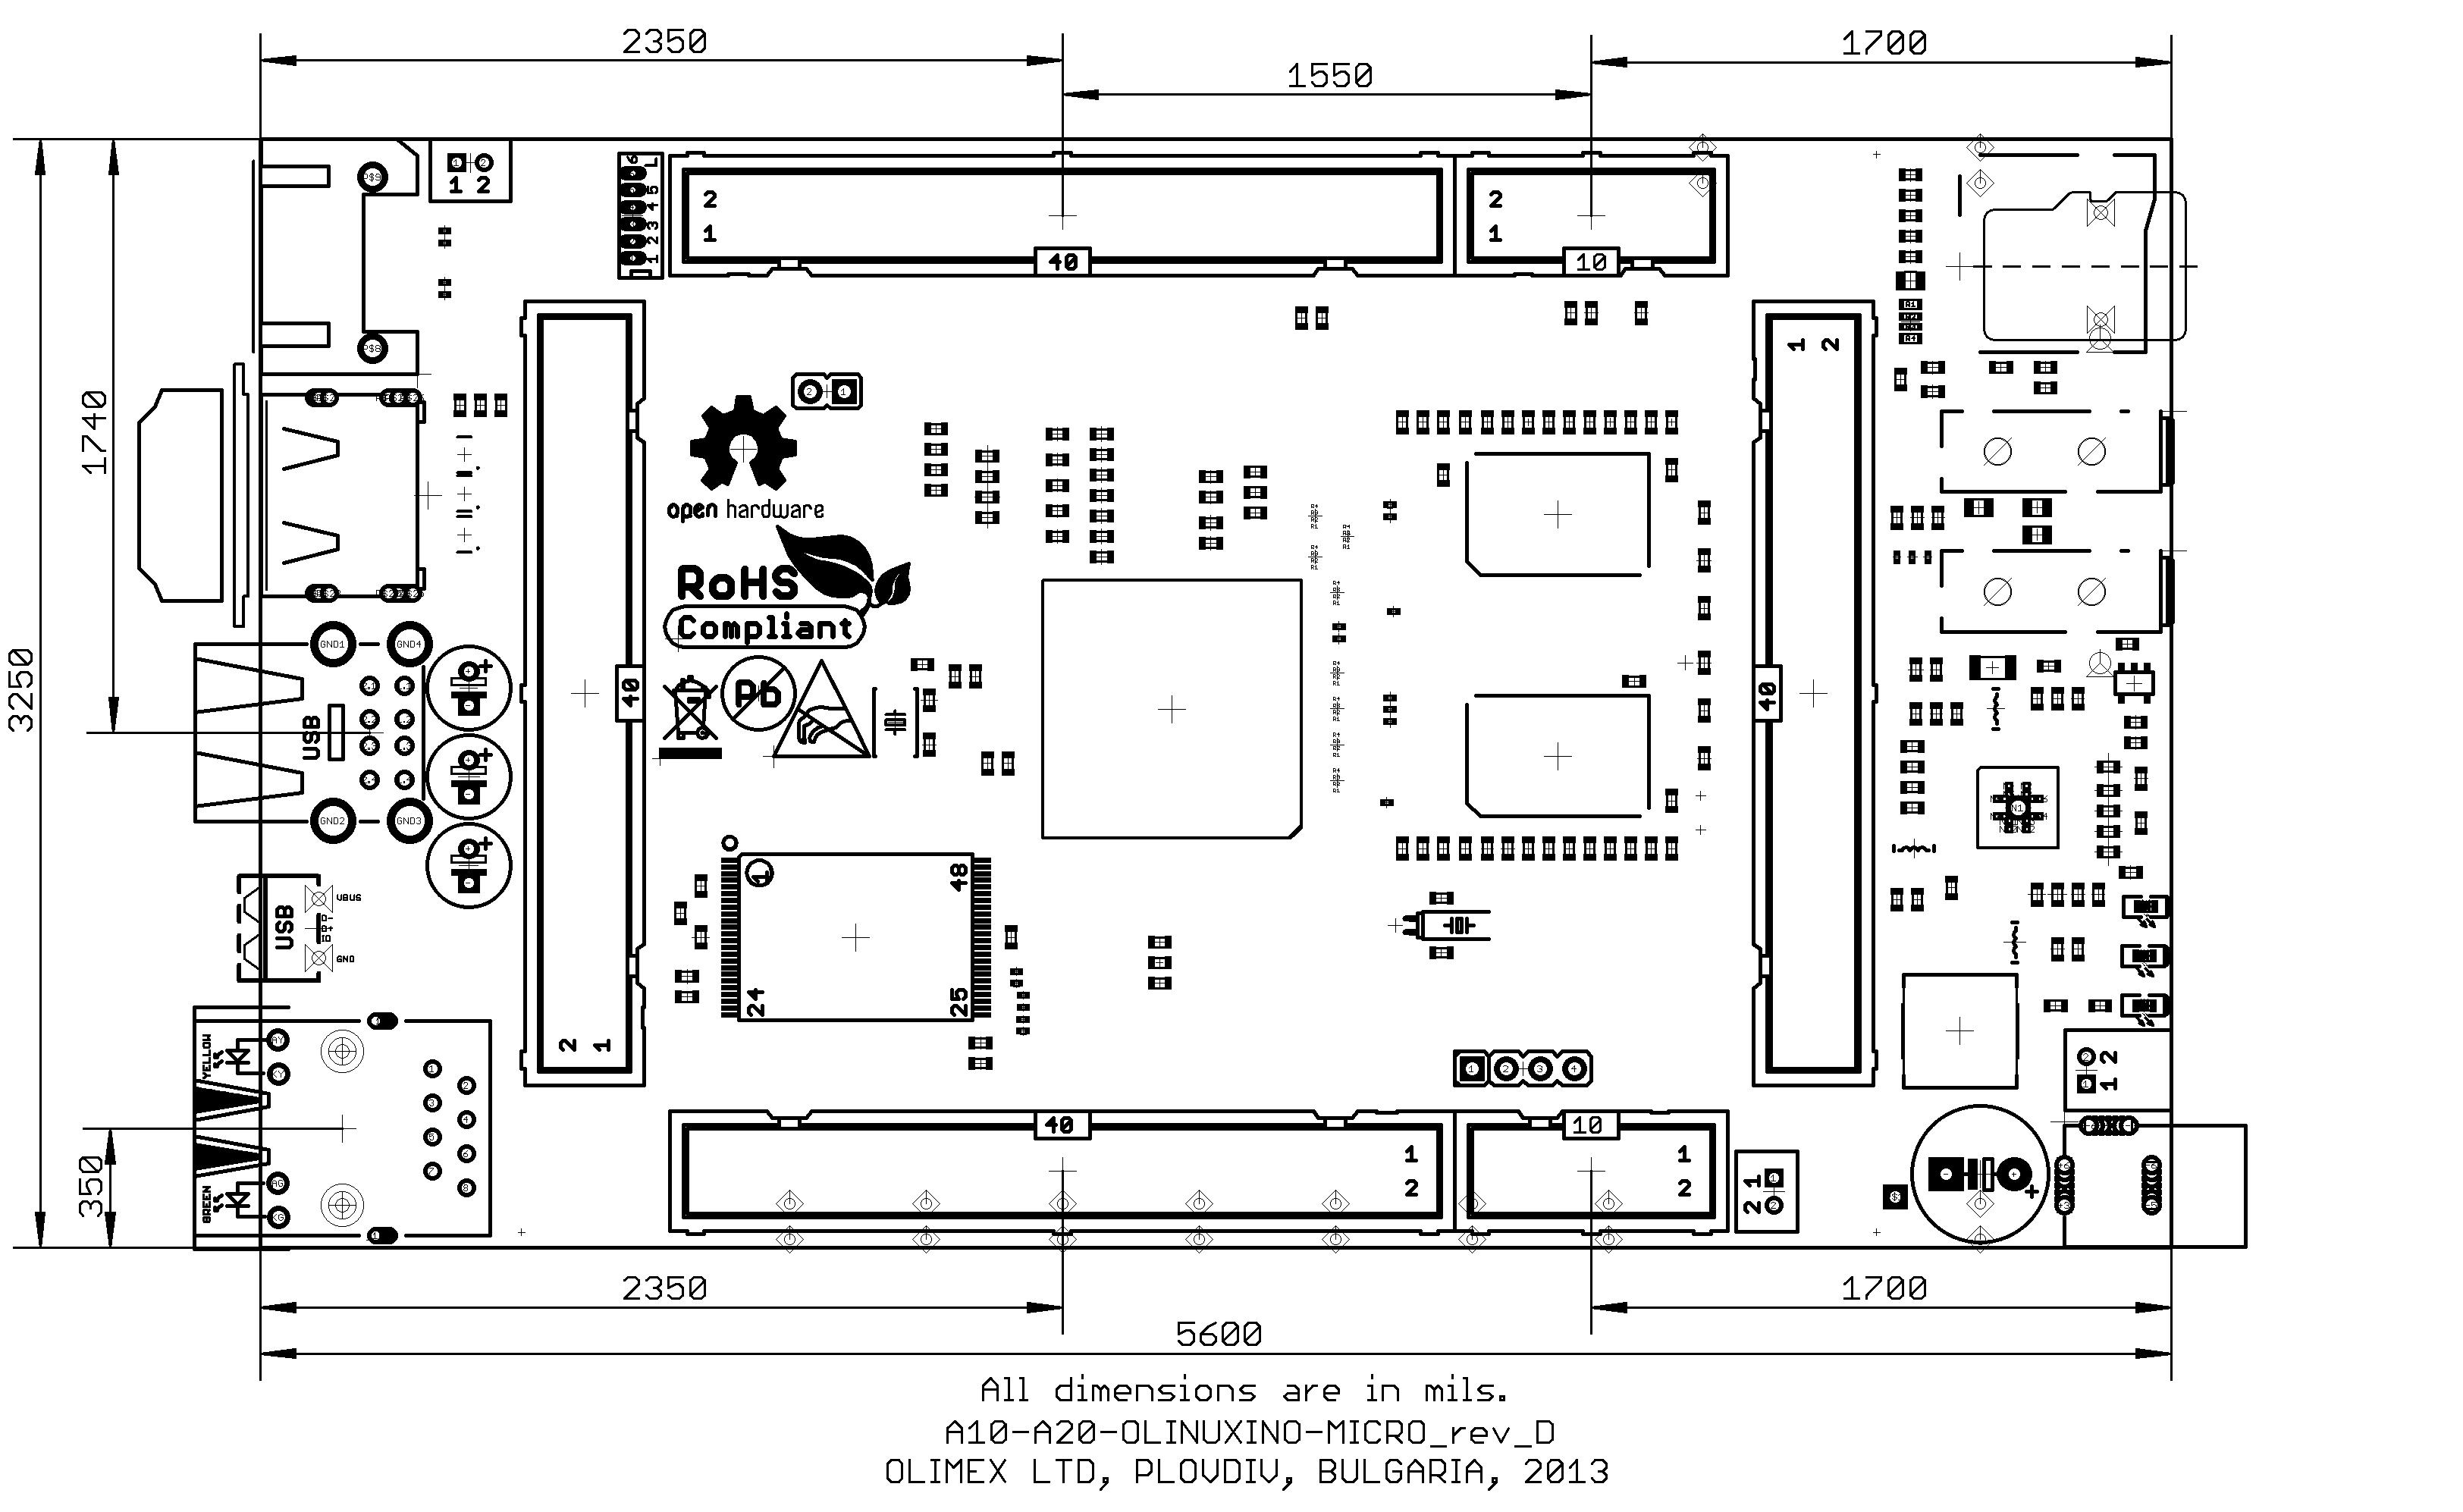 a20-olinuxino-micro